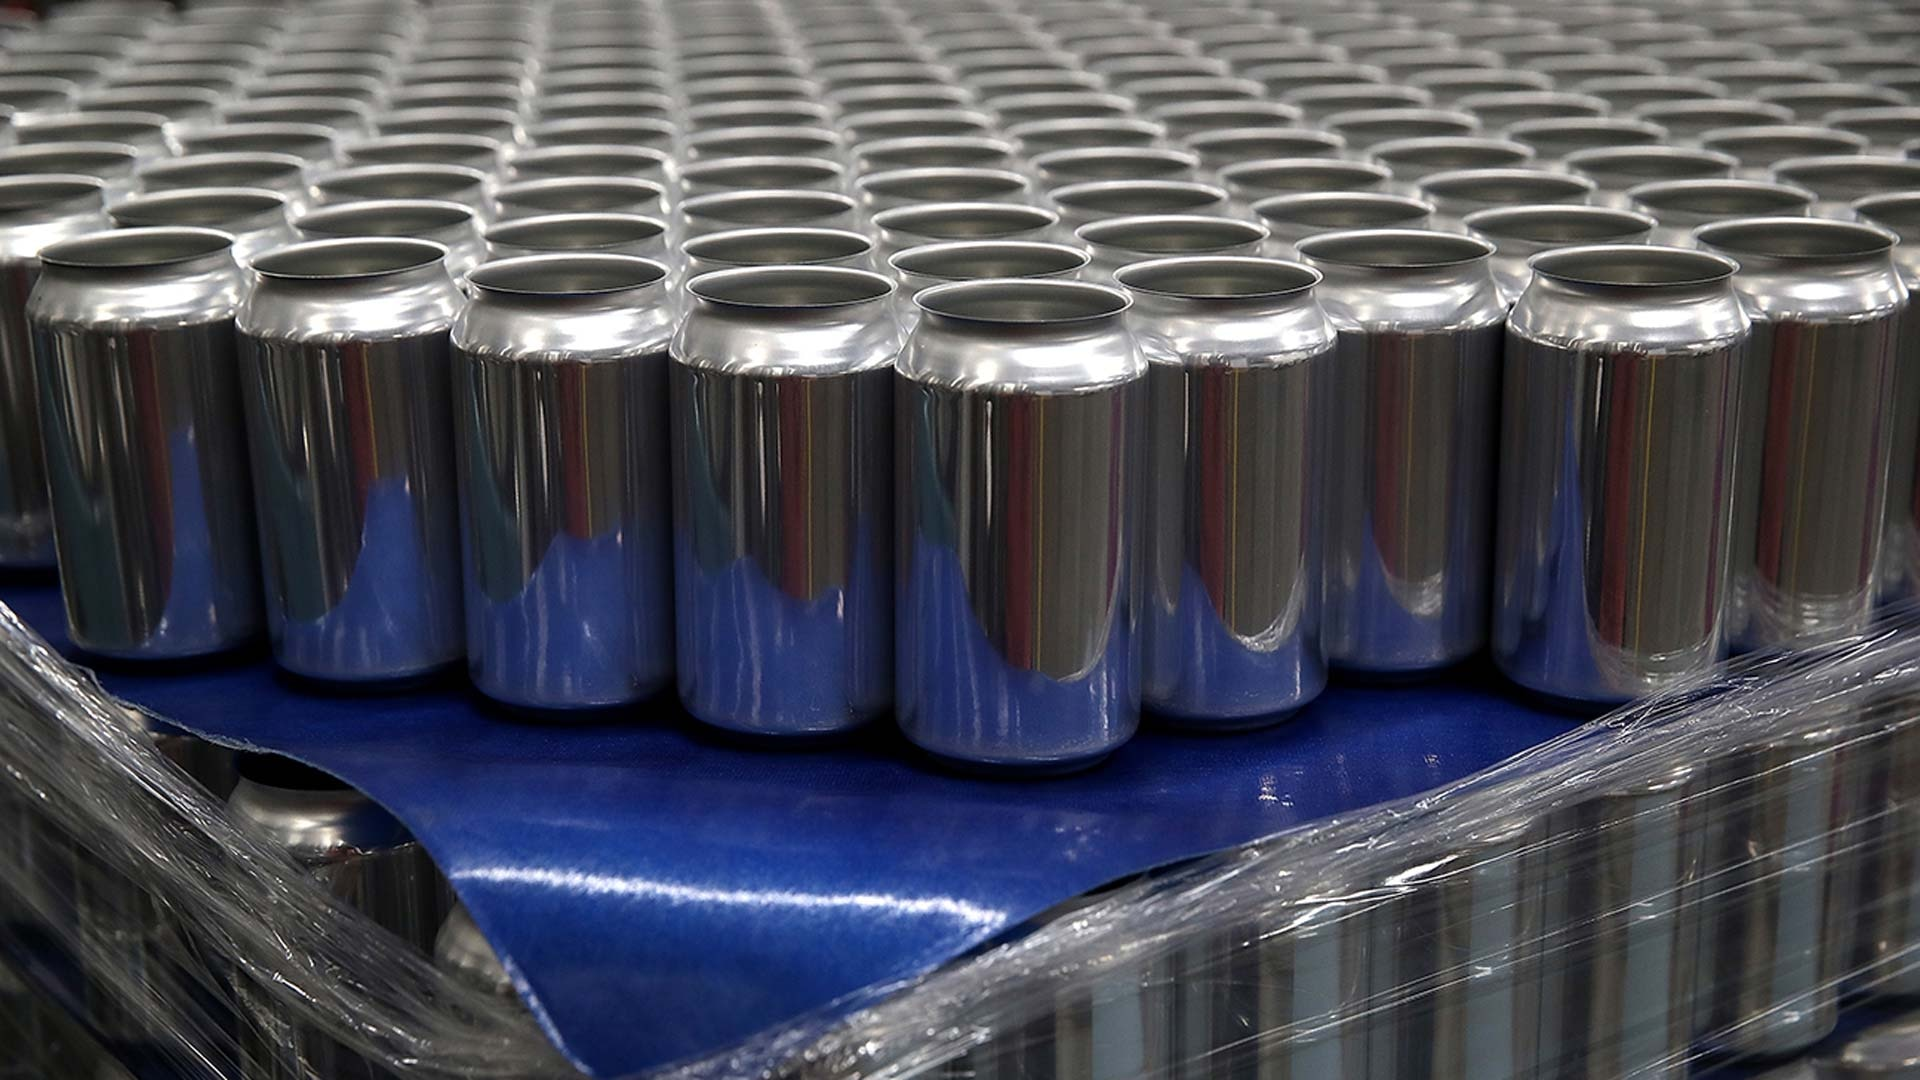 特朗普将恢复对加拿大铝征收10%的进口税